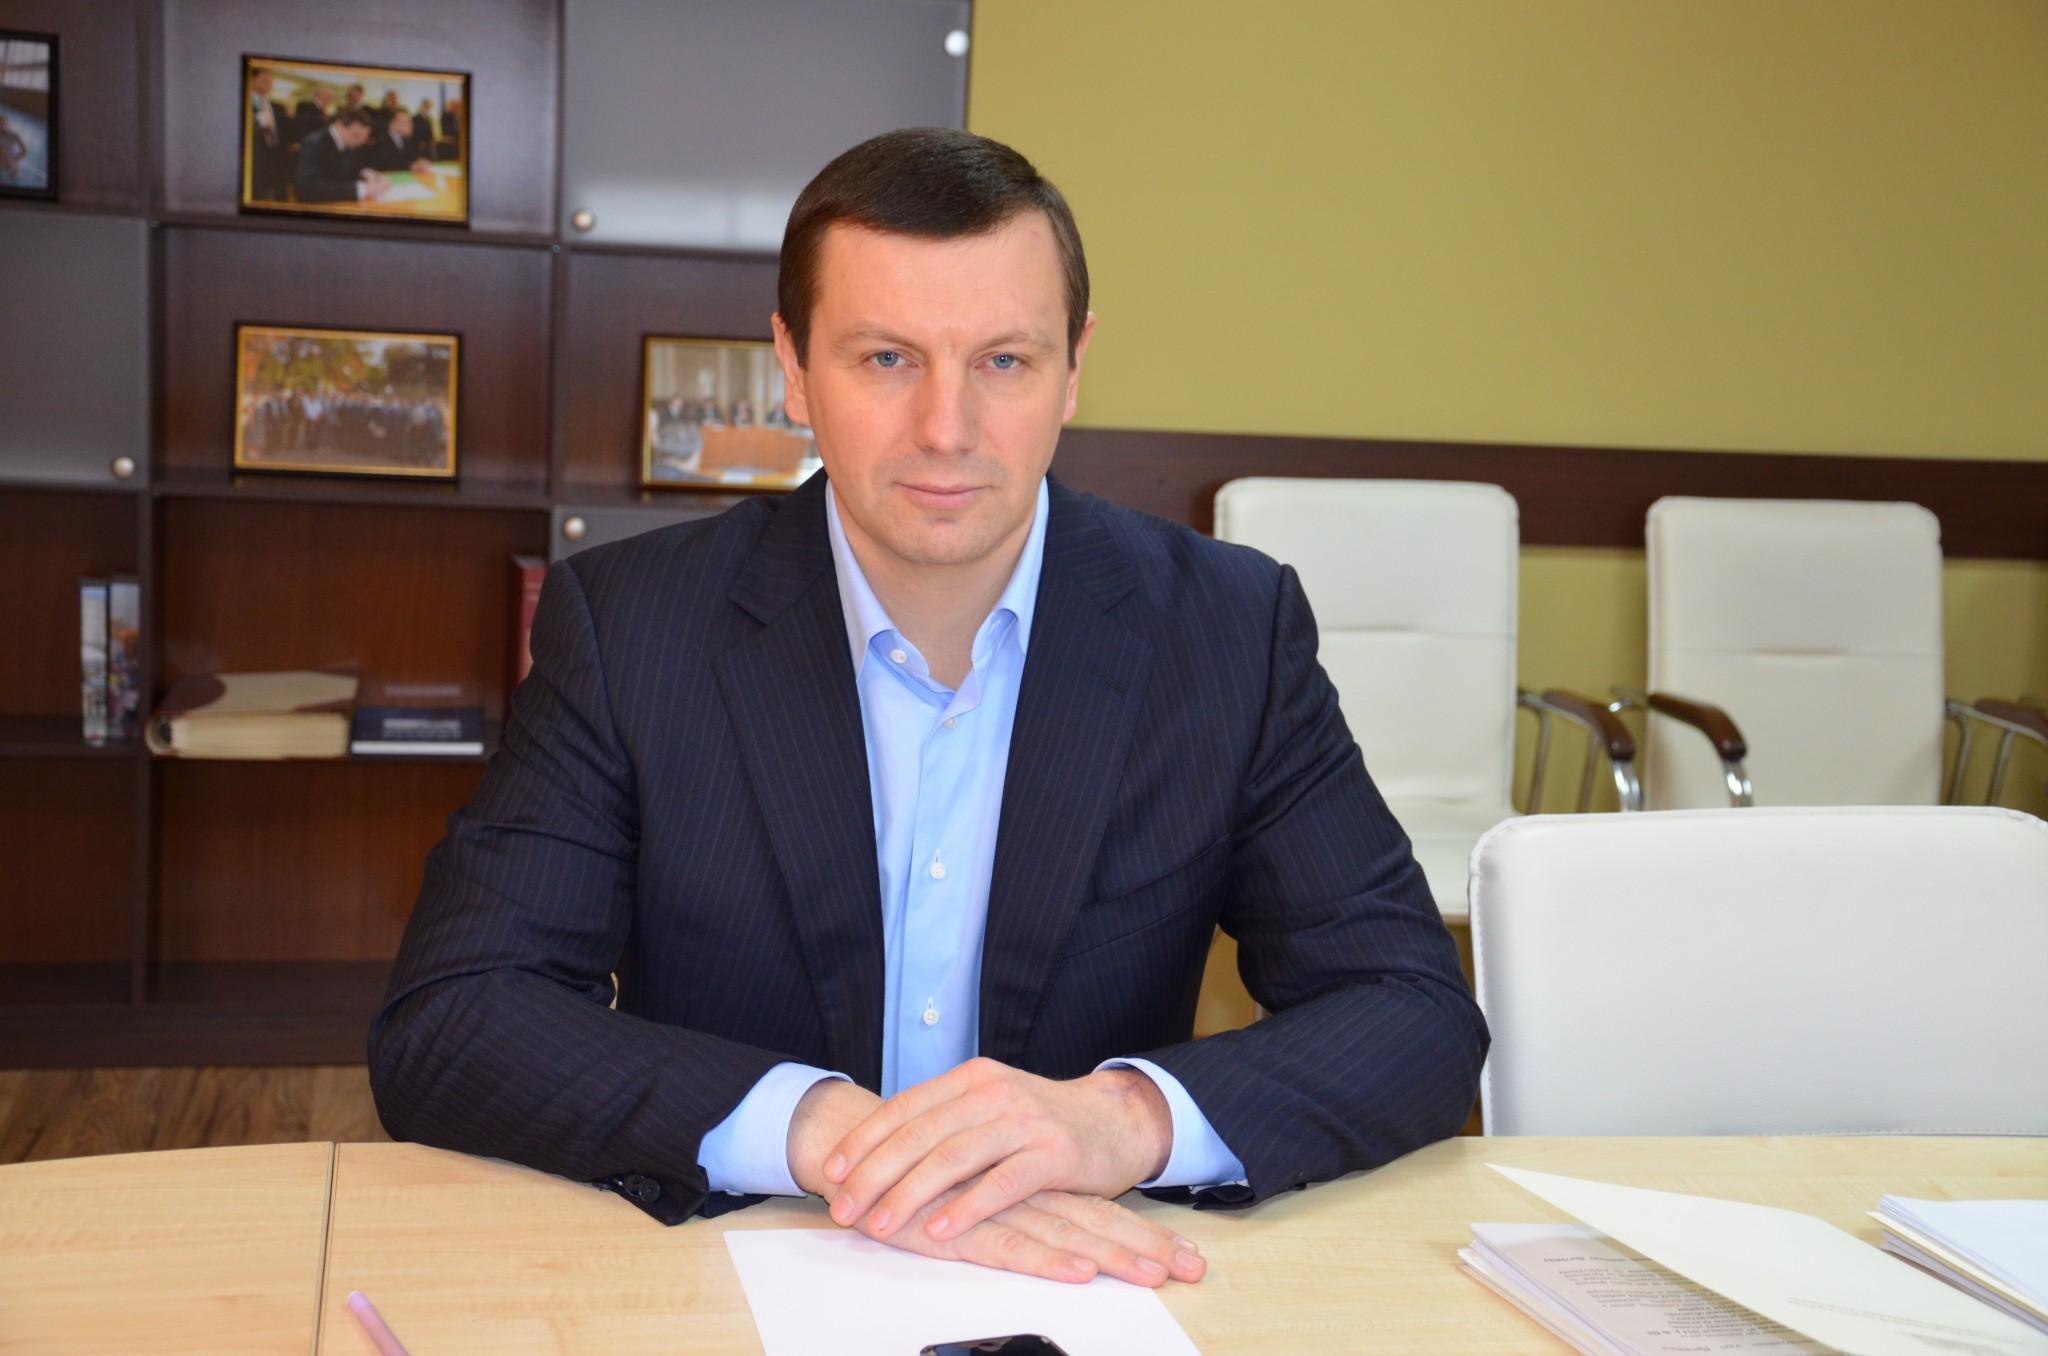 Украинские политзаключенные в России должны быть освобождены, в том числе Савченко и Сенцов, - НАТО - Цензор.НЕТ 713